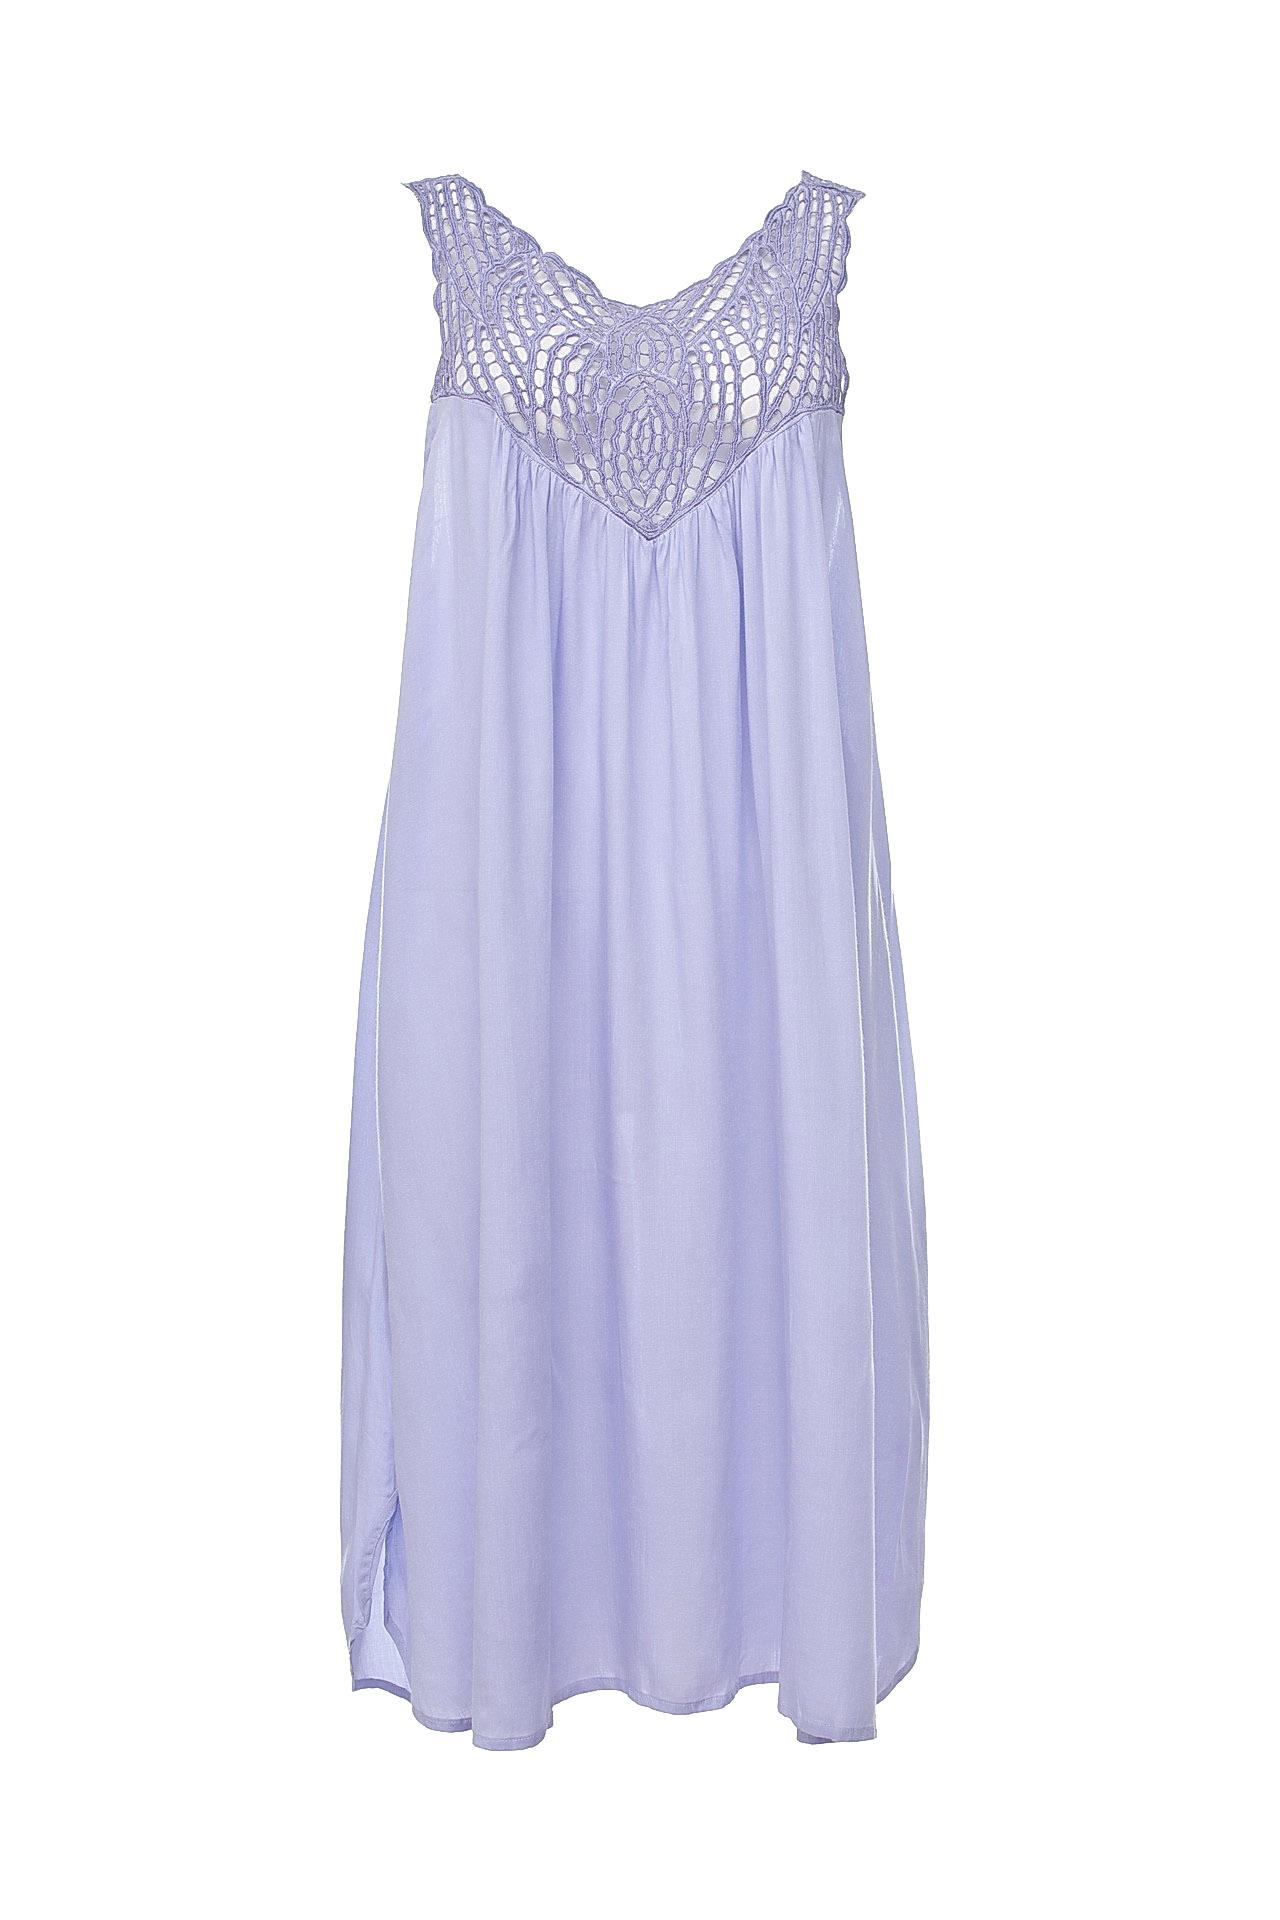 Платье DIVINE DIVA BALI SARAFAN/13.1. Купить за 5950 руб.